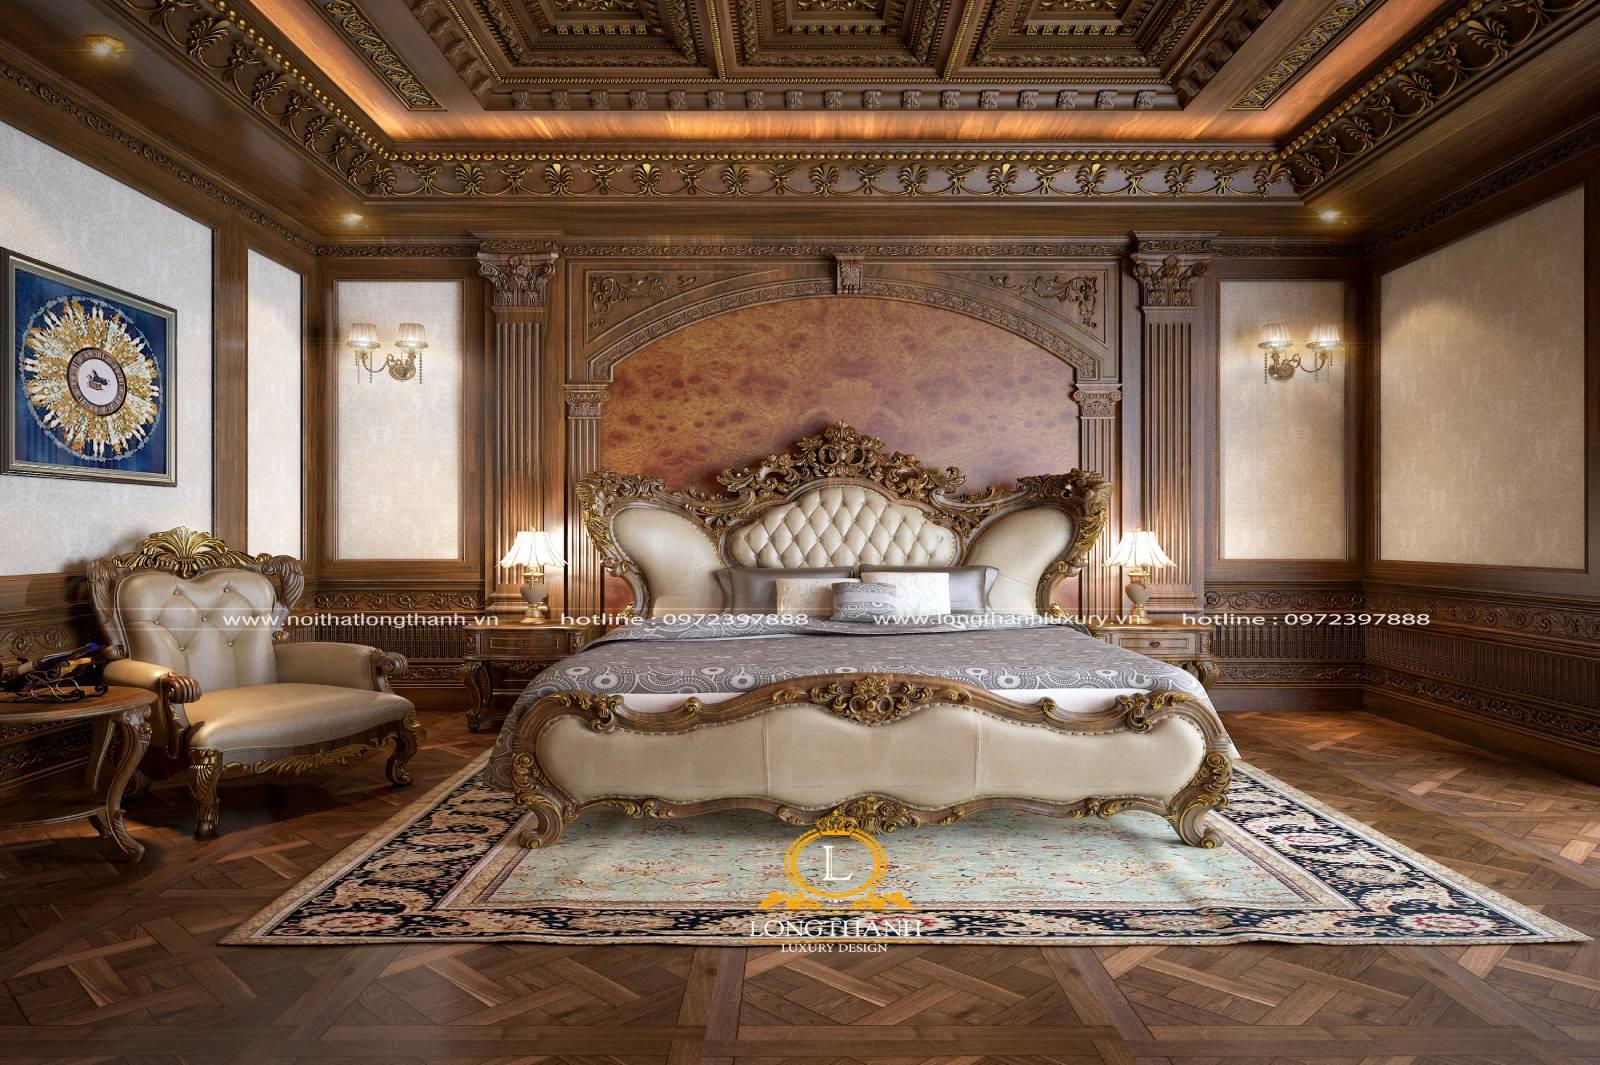 Phòng ngủ nhà biệt thự theo kiểu cổ điển Việt Nam